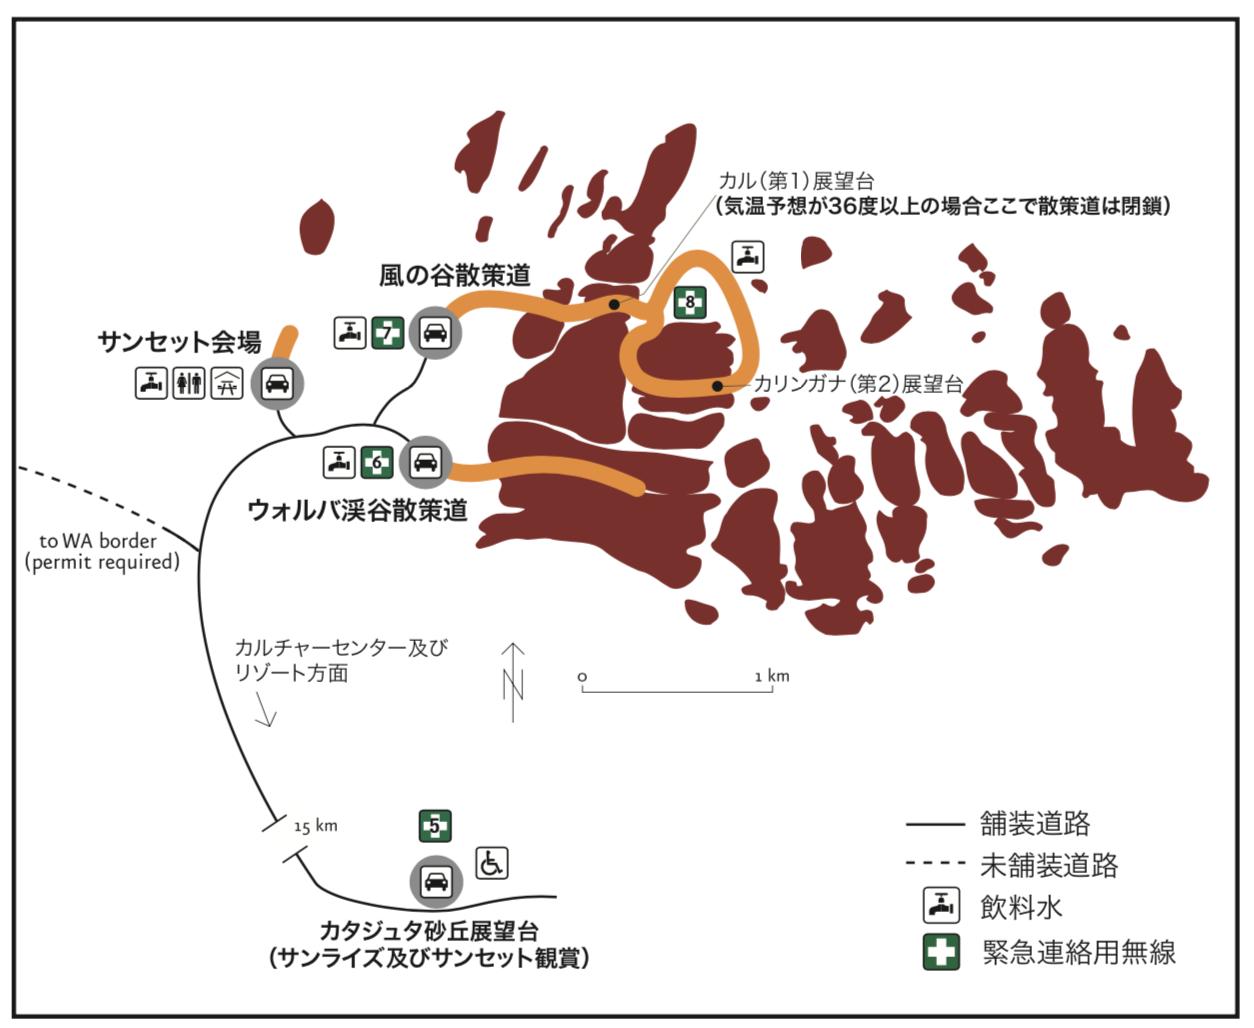 カタジュタ(オルガ岩群)MAP